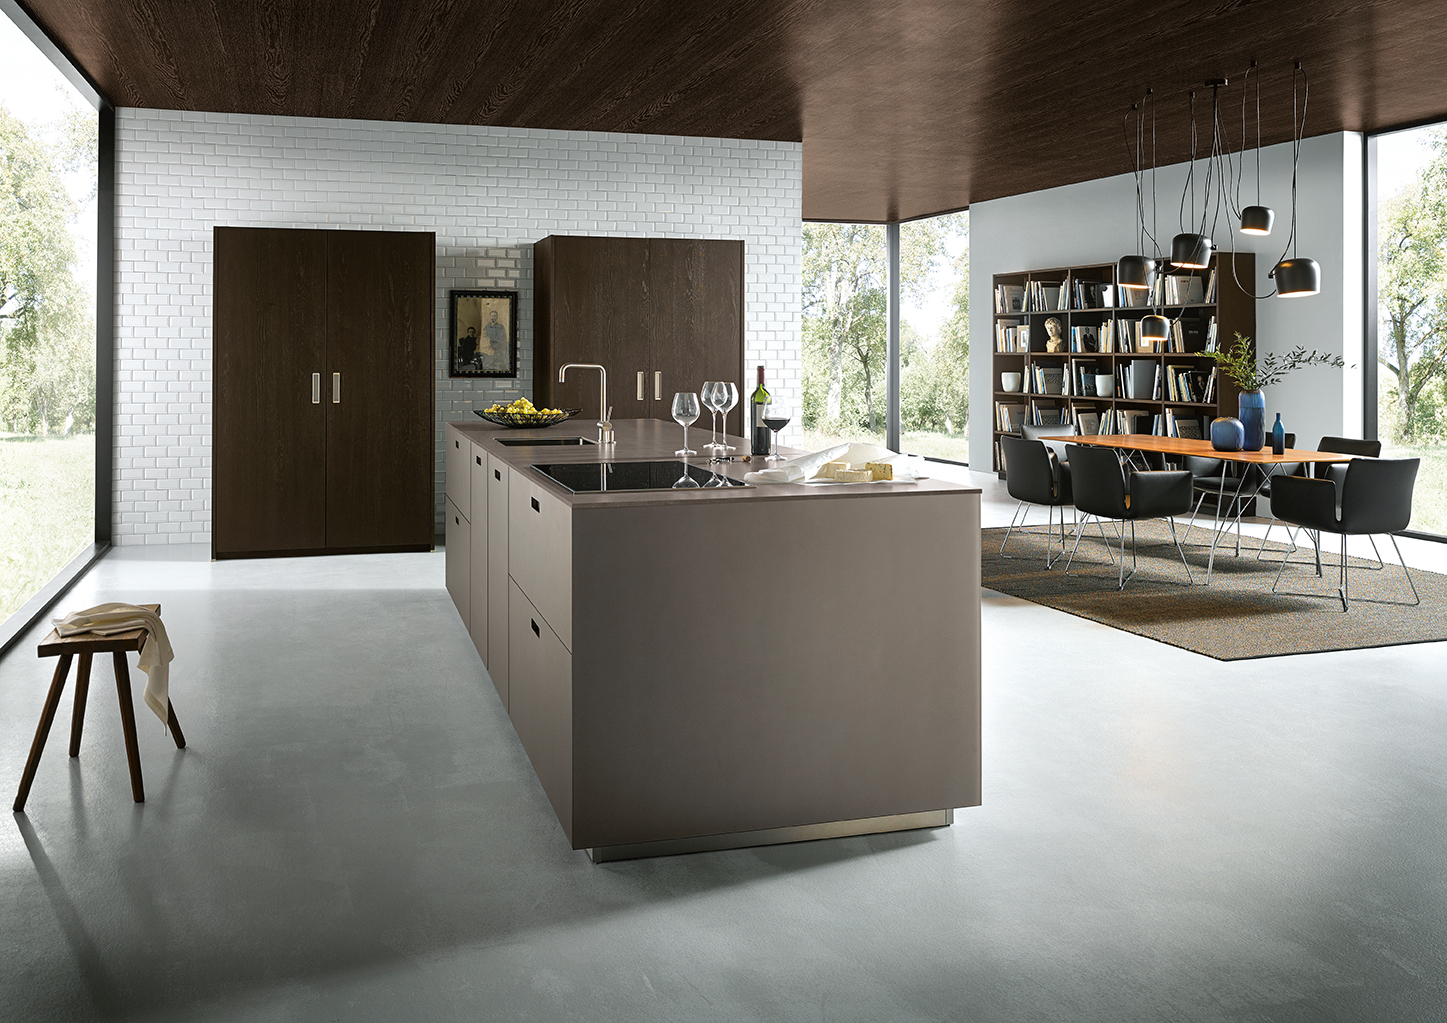 Cuisine et salon au design épuré haut de gamme style moderne